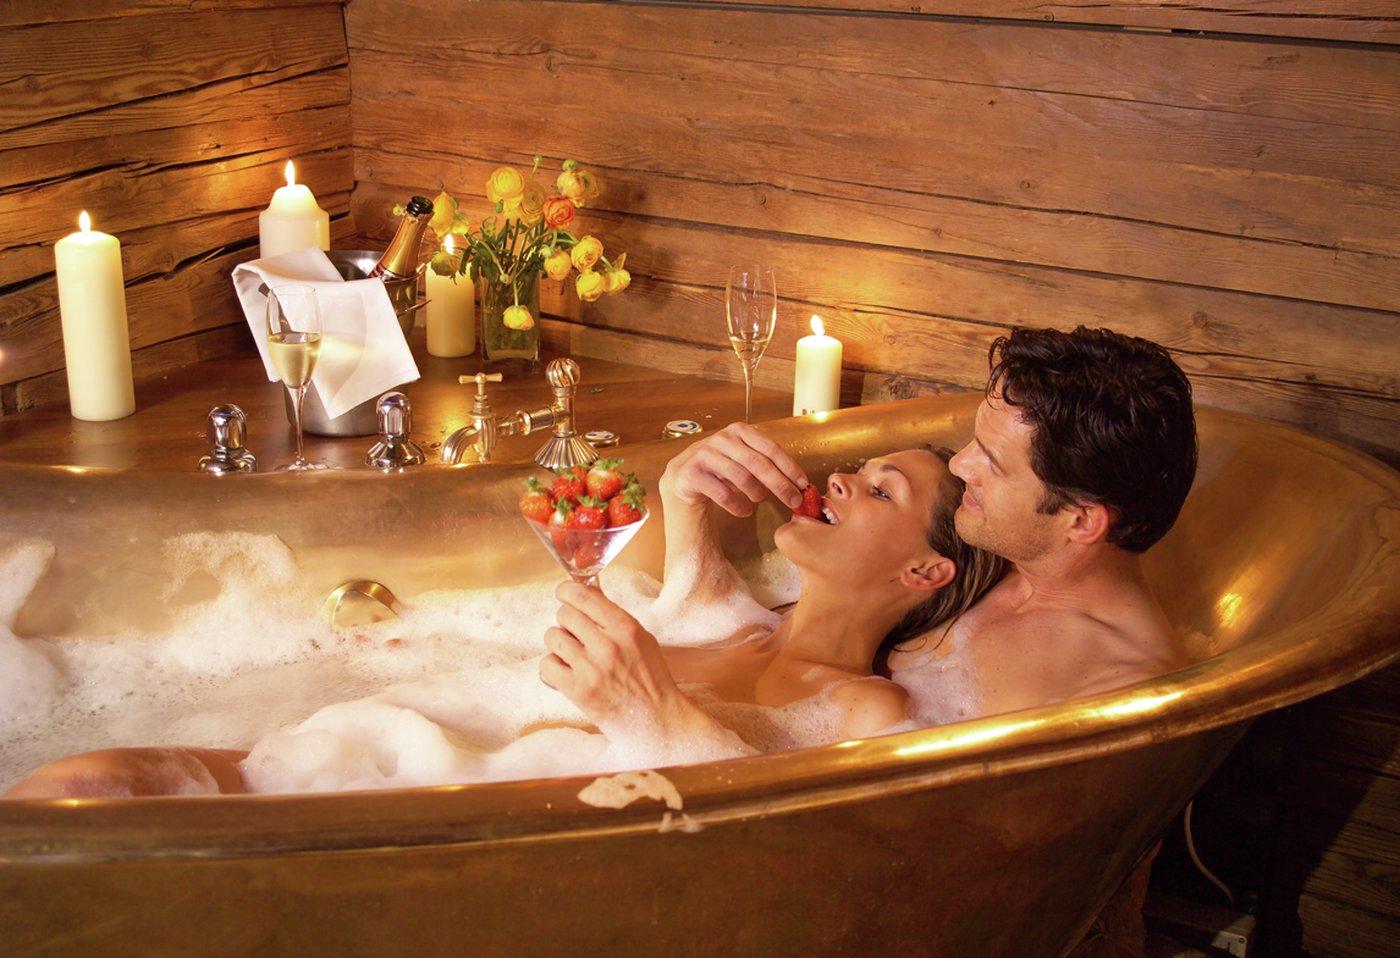 Поцелуй в ванне 4 фотография